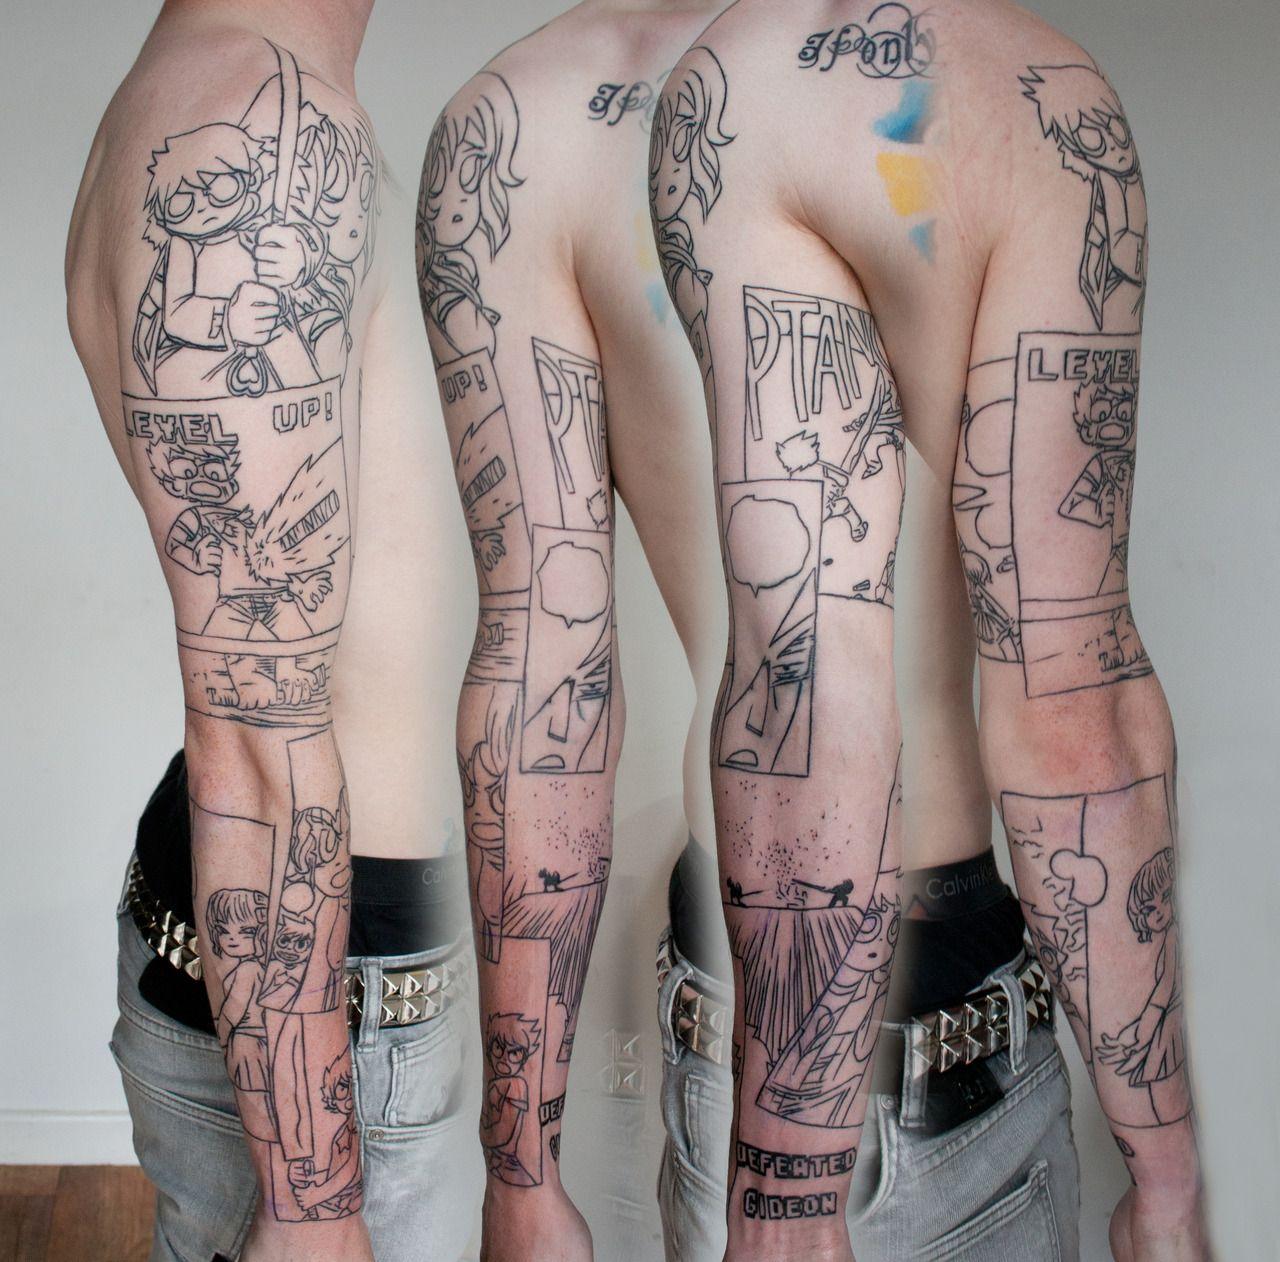 Cool Tattoo Sleeve Designs: Full Sleeve Tattoo Designs Tumblr Cool Tattoos Designs